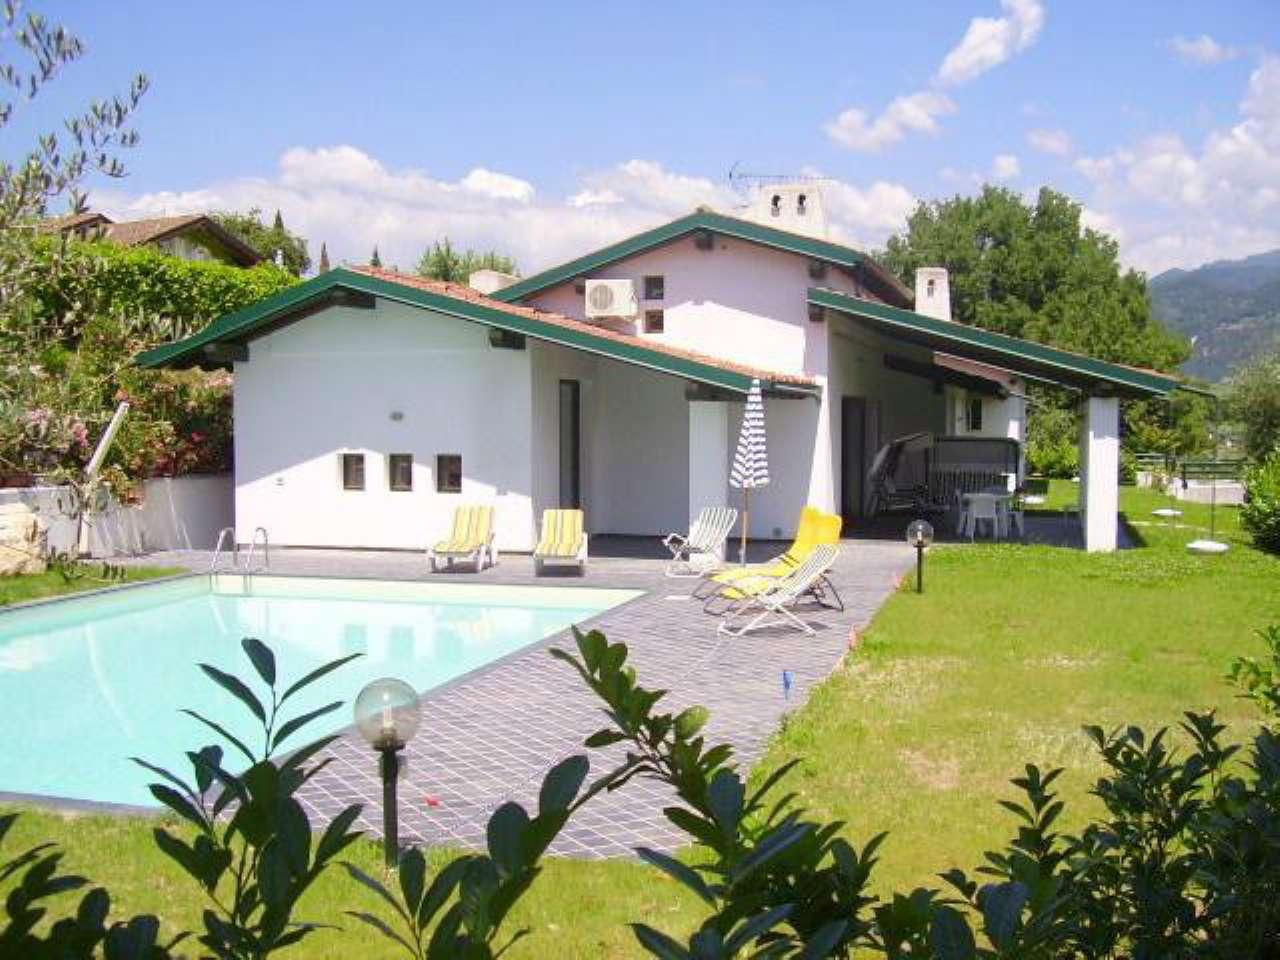 Villa in vendita a San Felice del Benaco, 13 locali, prezzo € 955.000 | CambioCasa.it